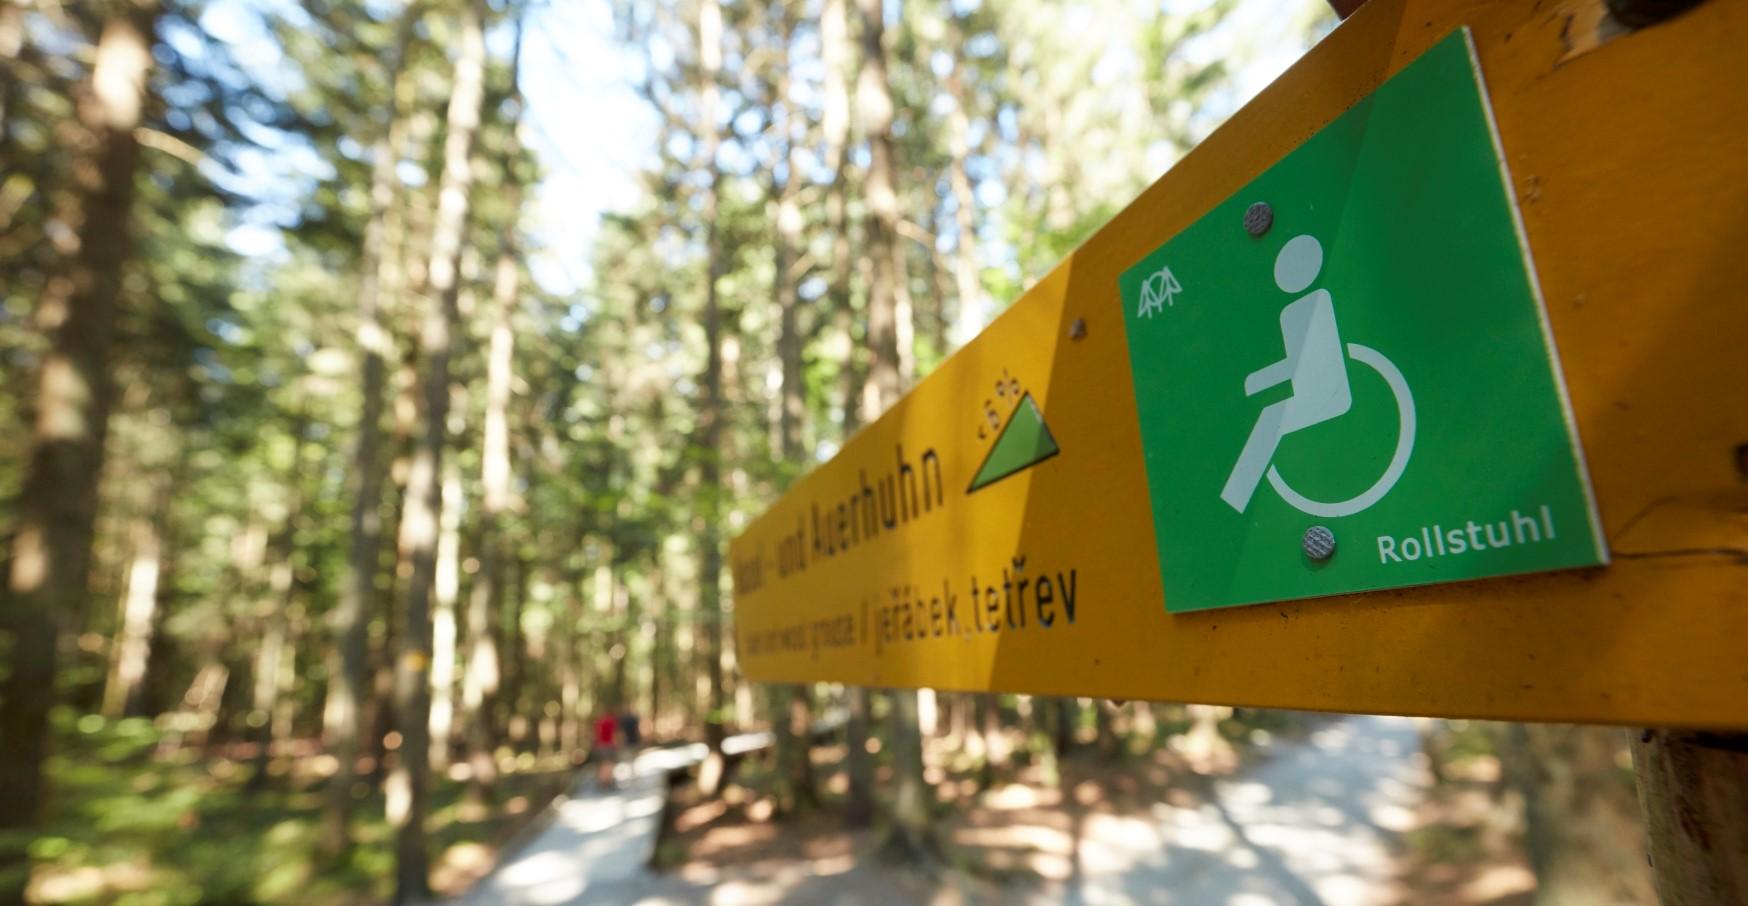 Wegweiser im Wald mit einem Rollstuhlsymbol.